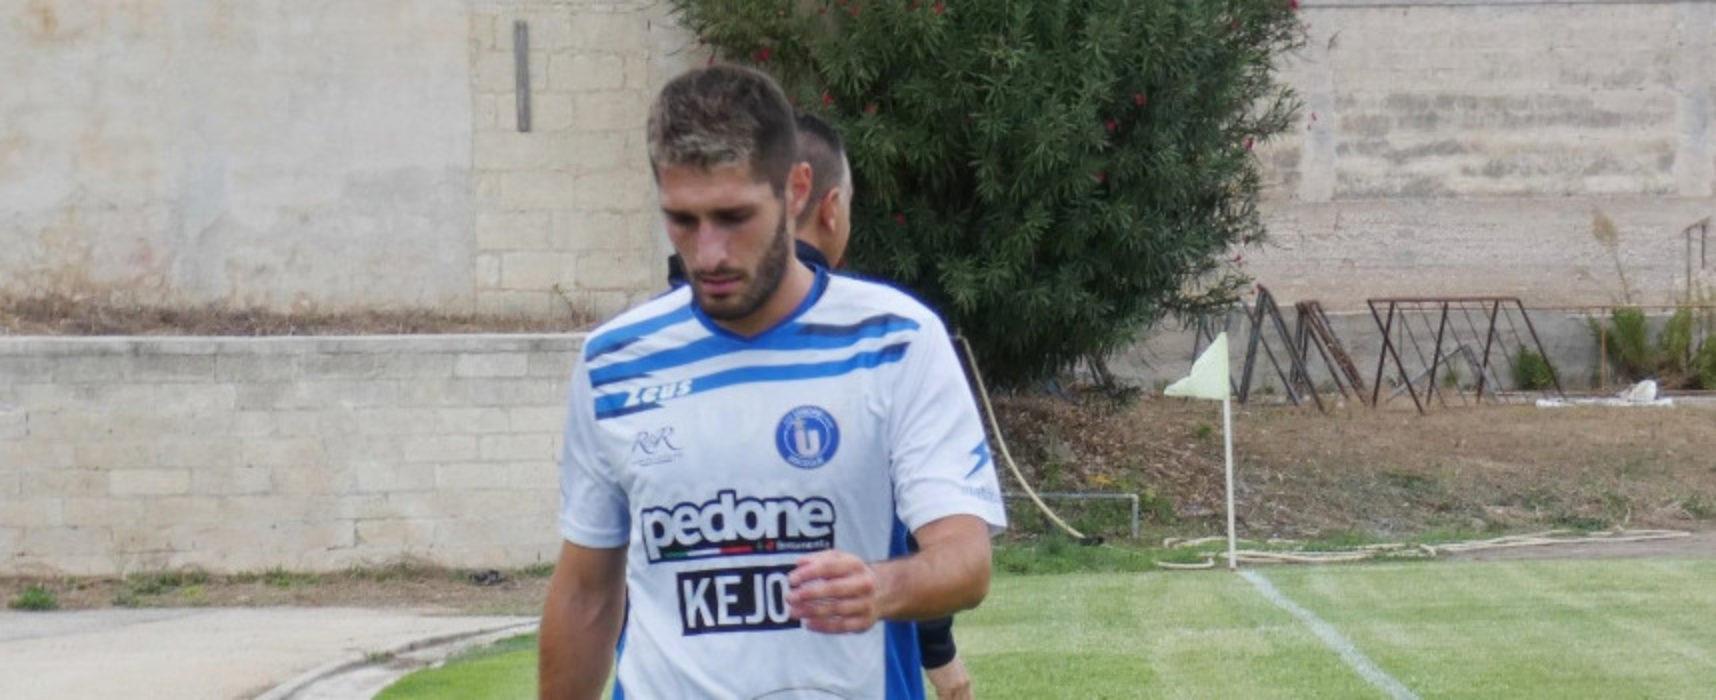 Unione Calcio, trasferta indigesta contro il Manfredonia